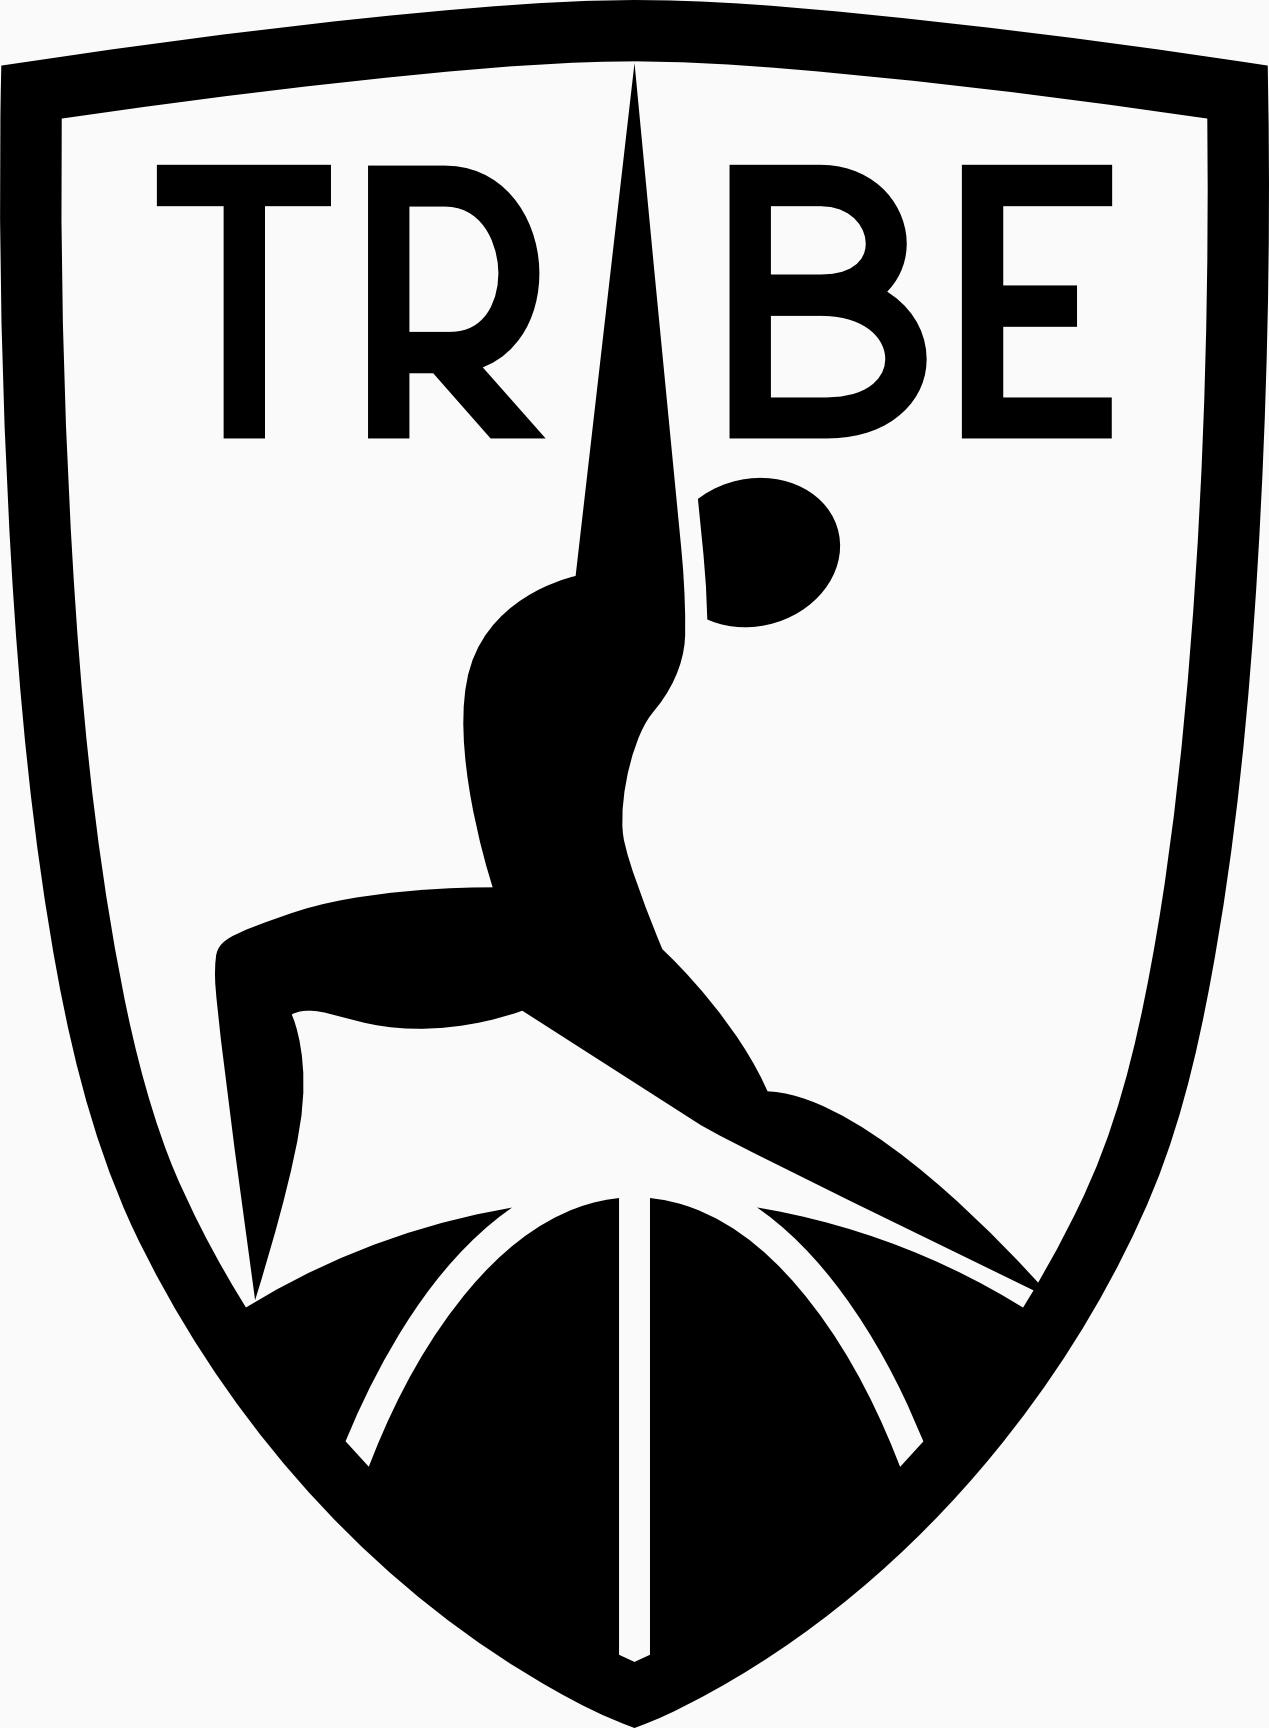 Tribe_BW-1.jpg